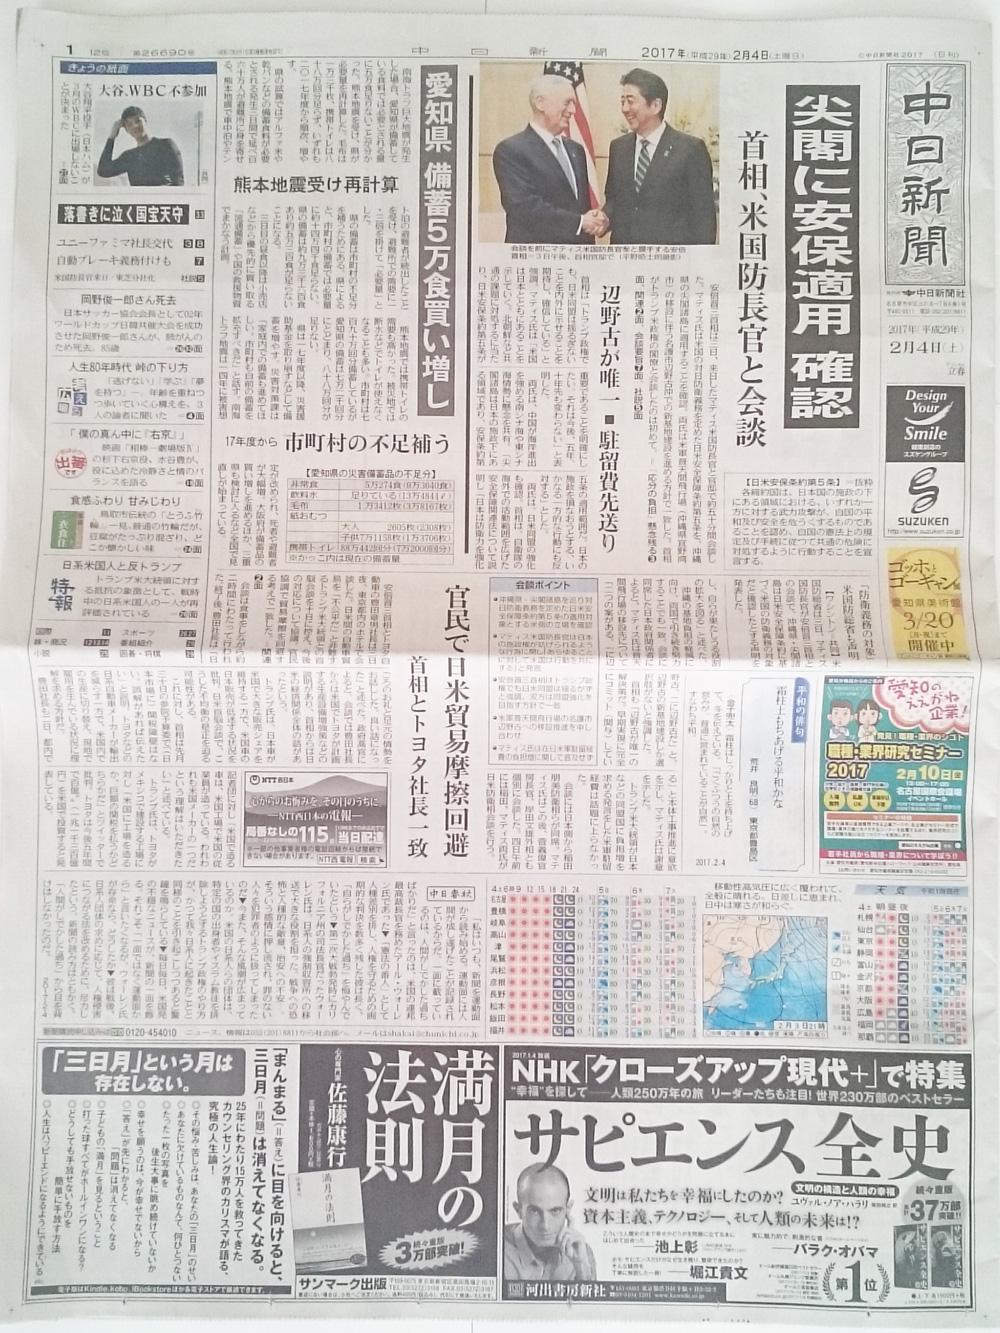 2017年2月4日中日新聞掲載「満月の法則」